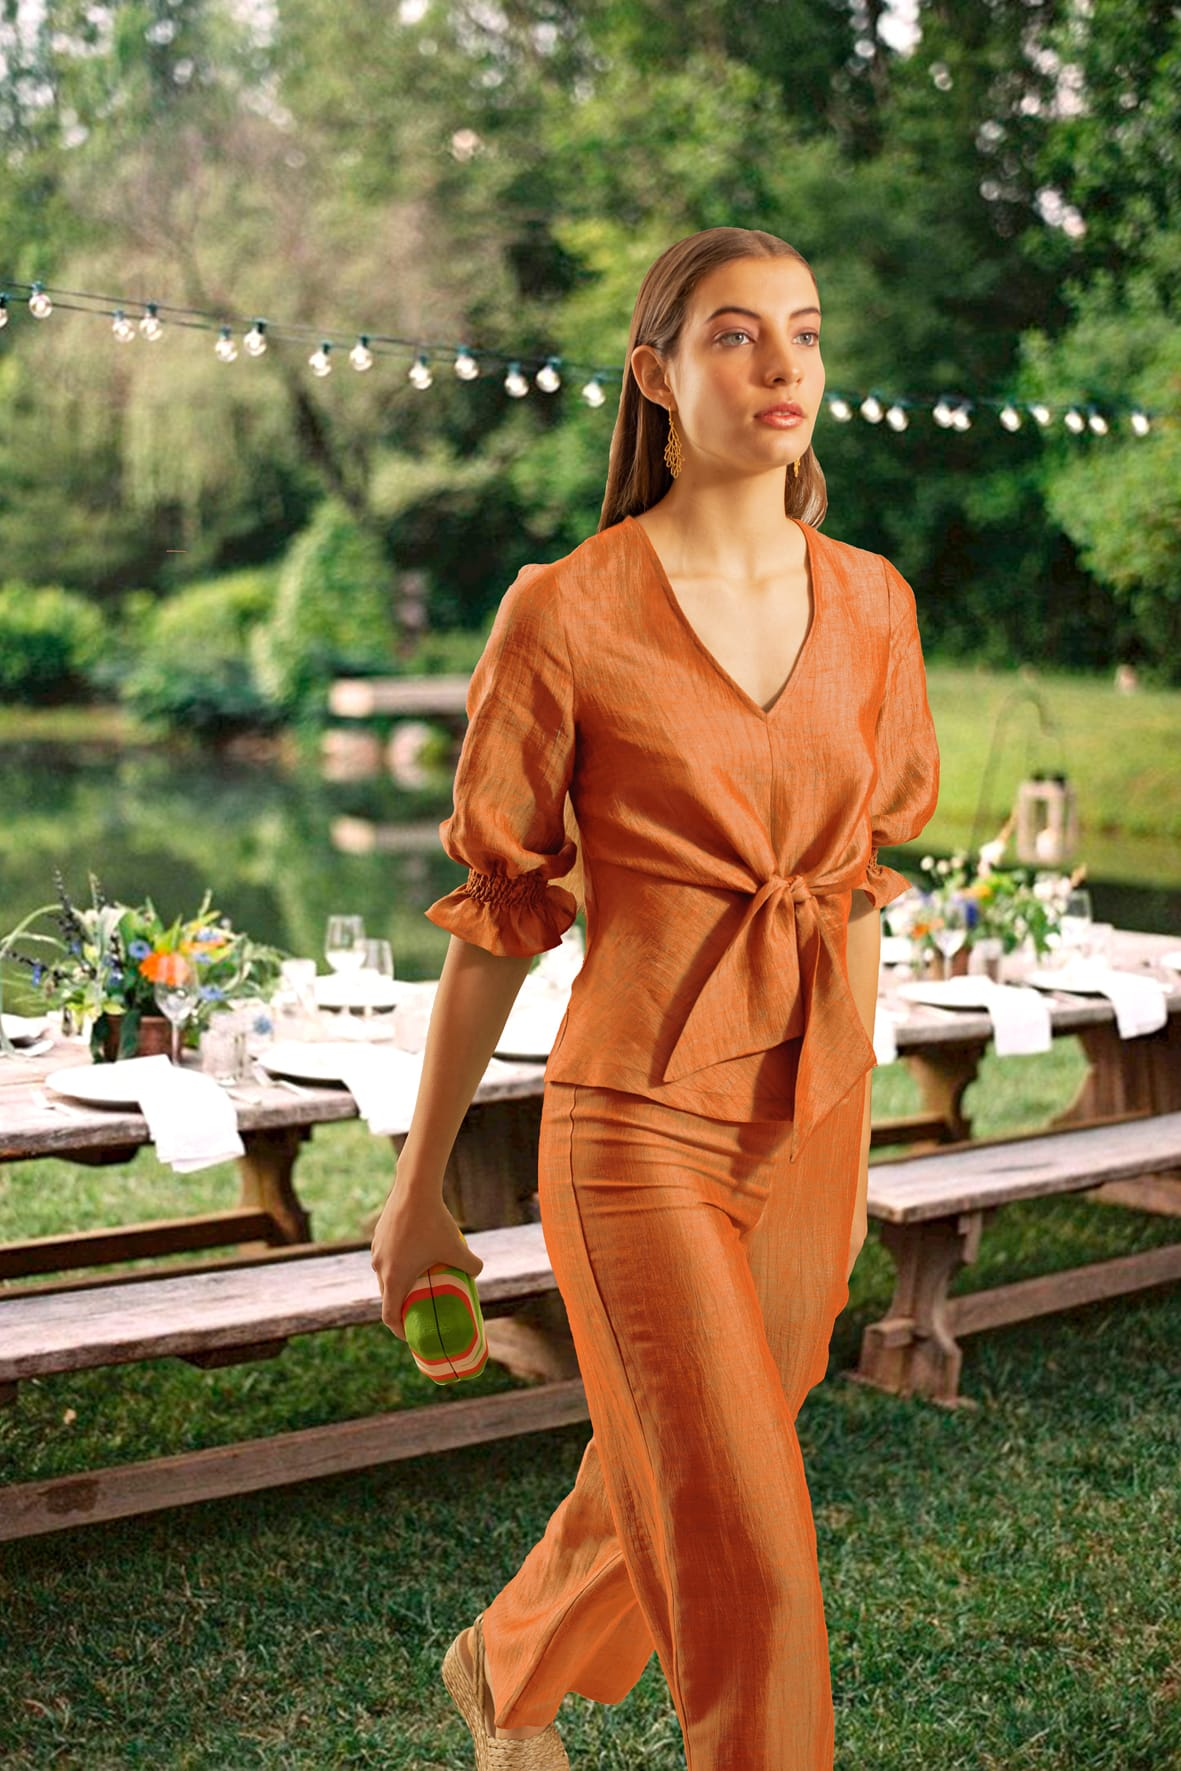 diseñadora-de-moda-Lorenza Top